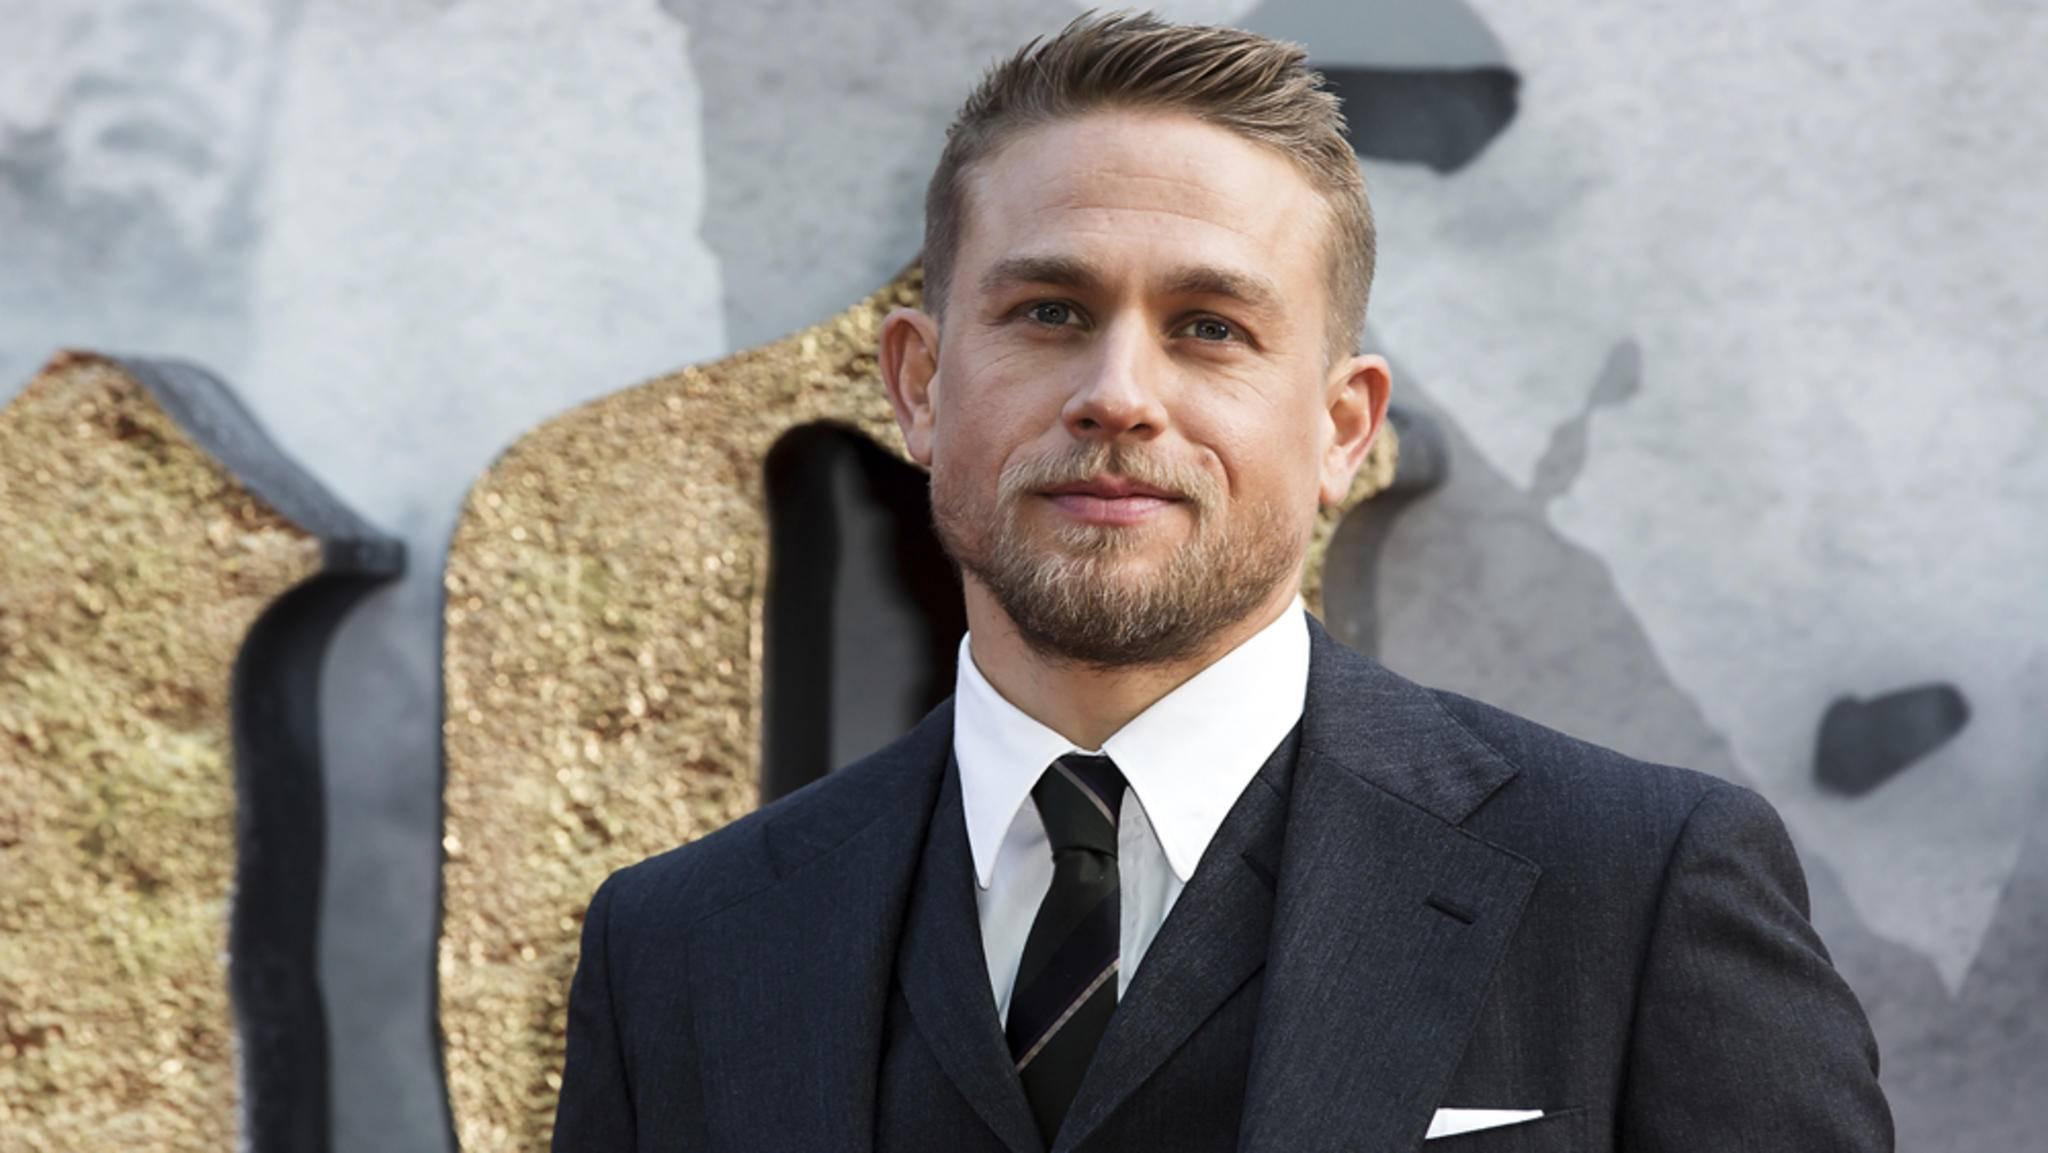 Den passenden Anzug für die Rolle des James Bond hätte Charlie Hunnam schon mal.